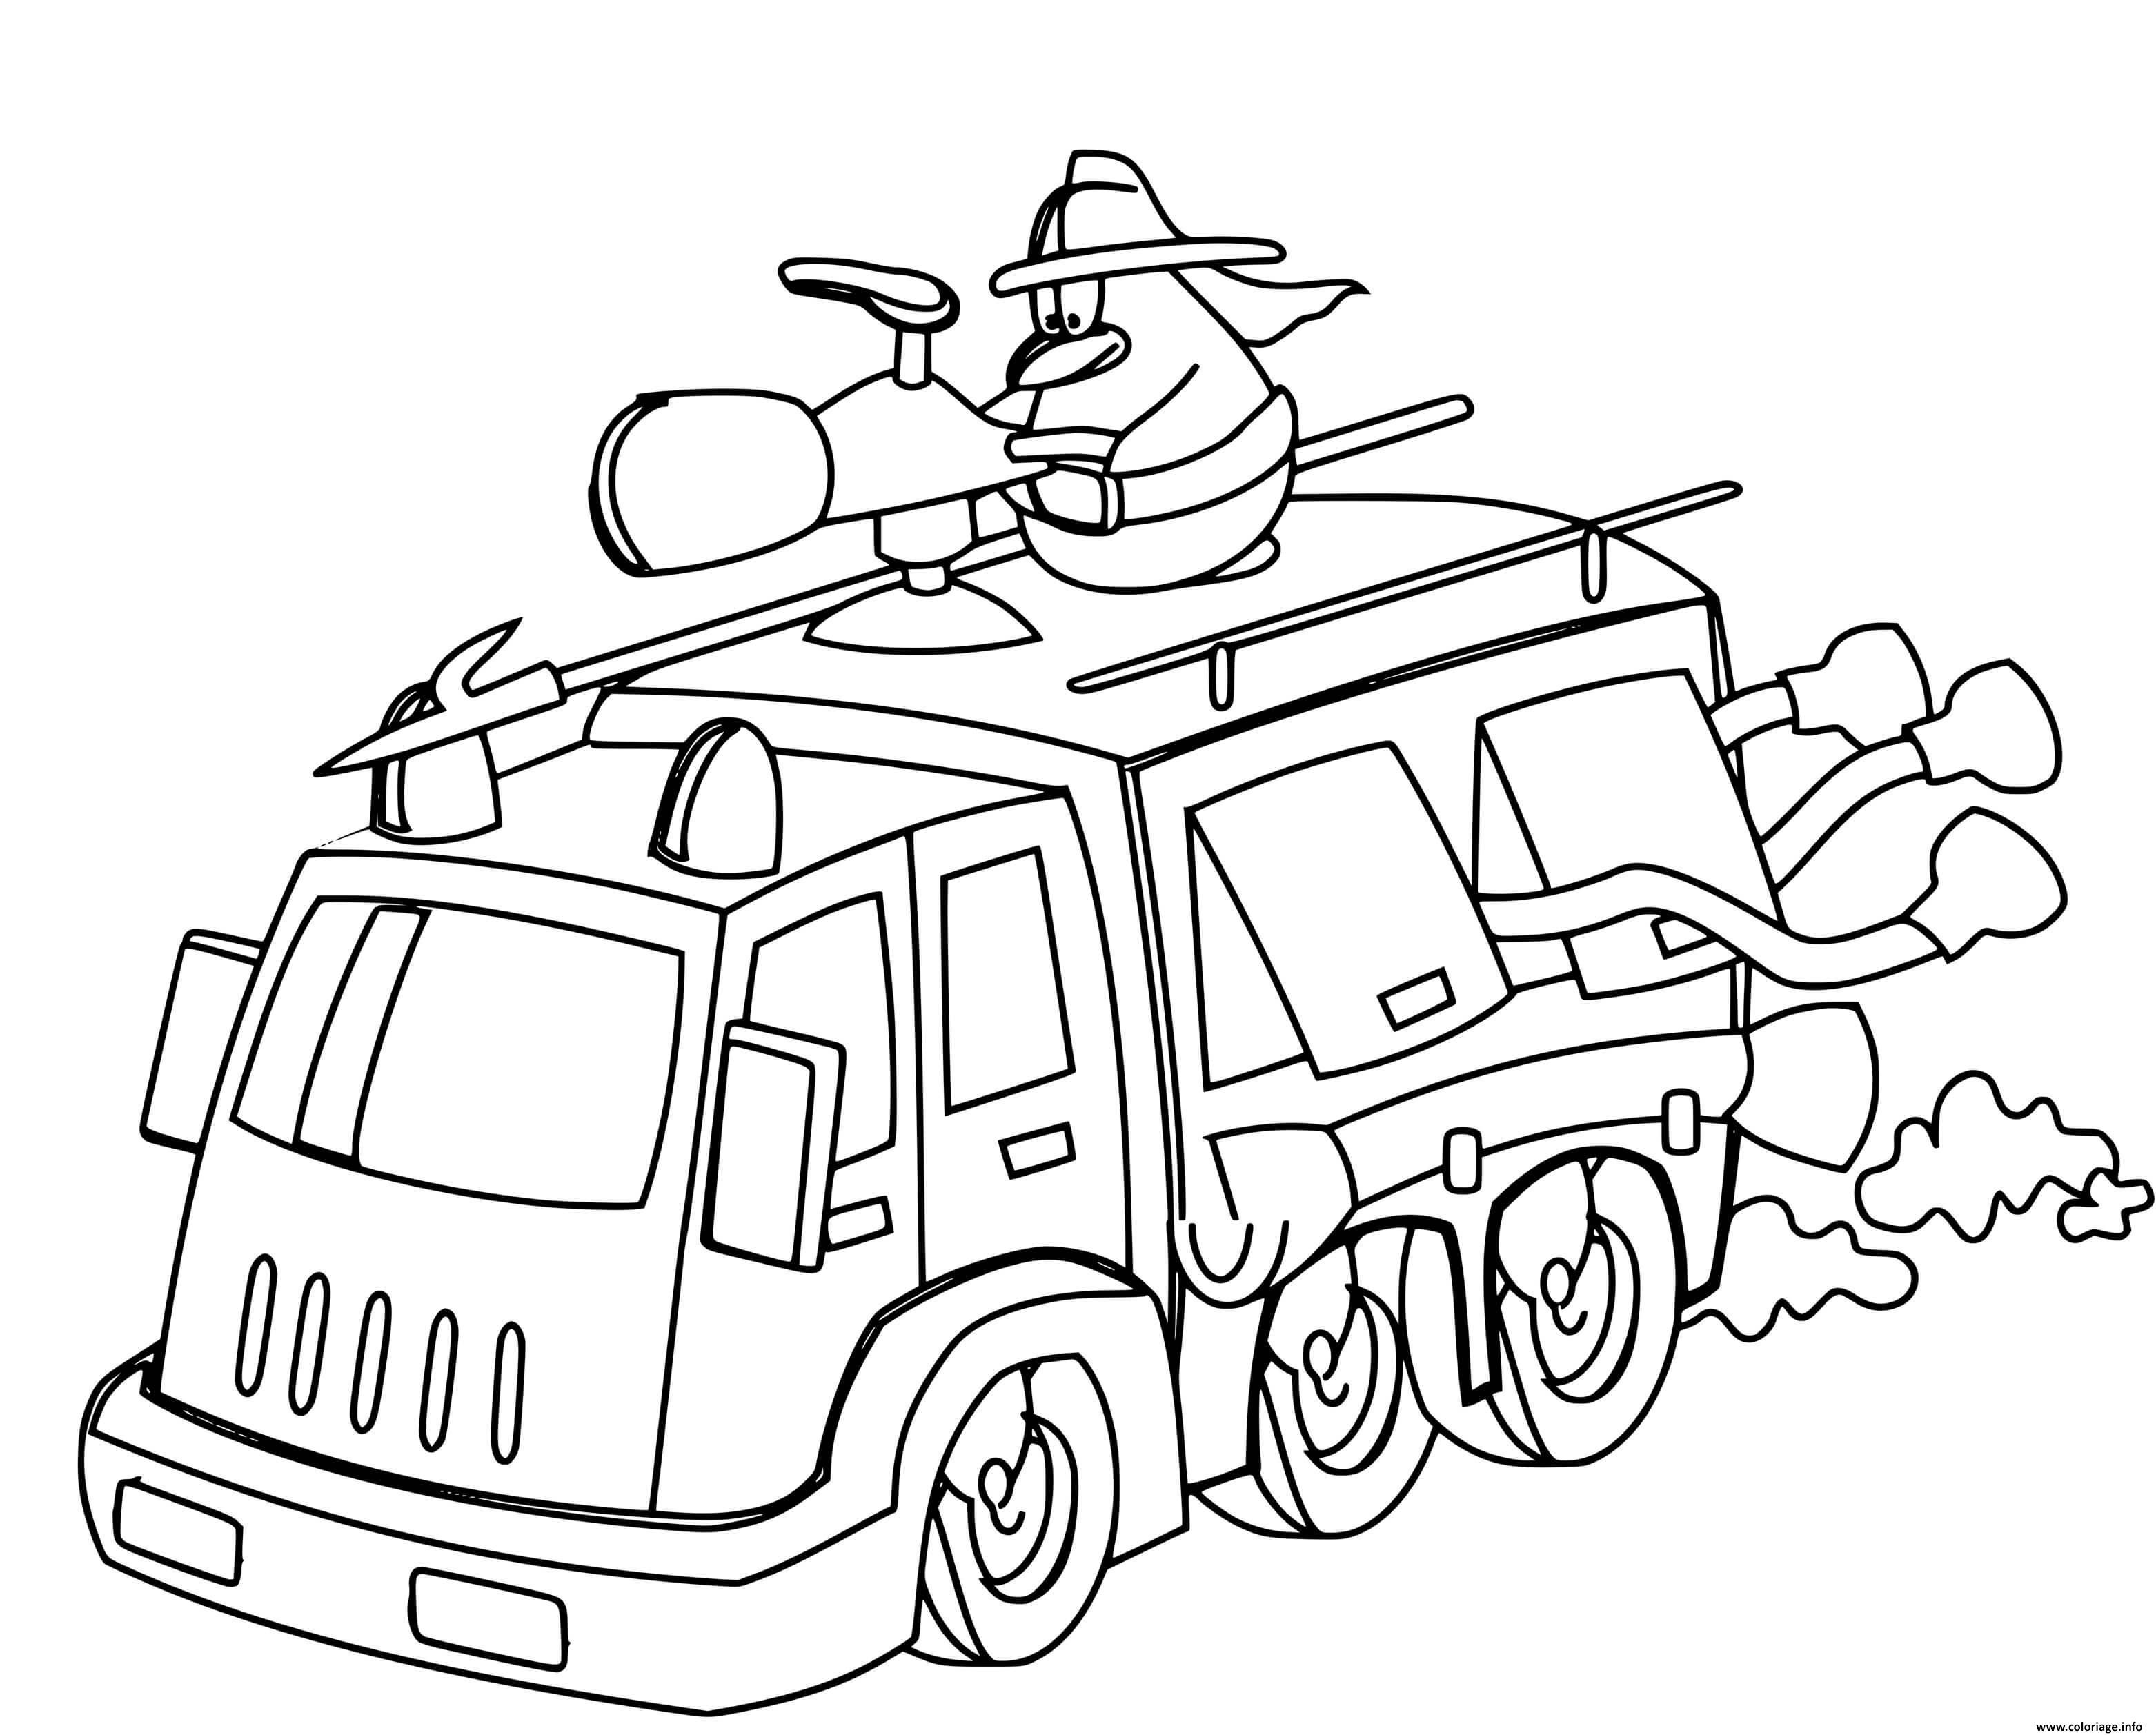 Dessin un dessin anime sur un camion de pompier a pleine vitesse Coloriage Gratuit à Imprimer